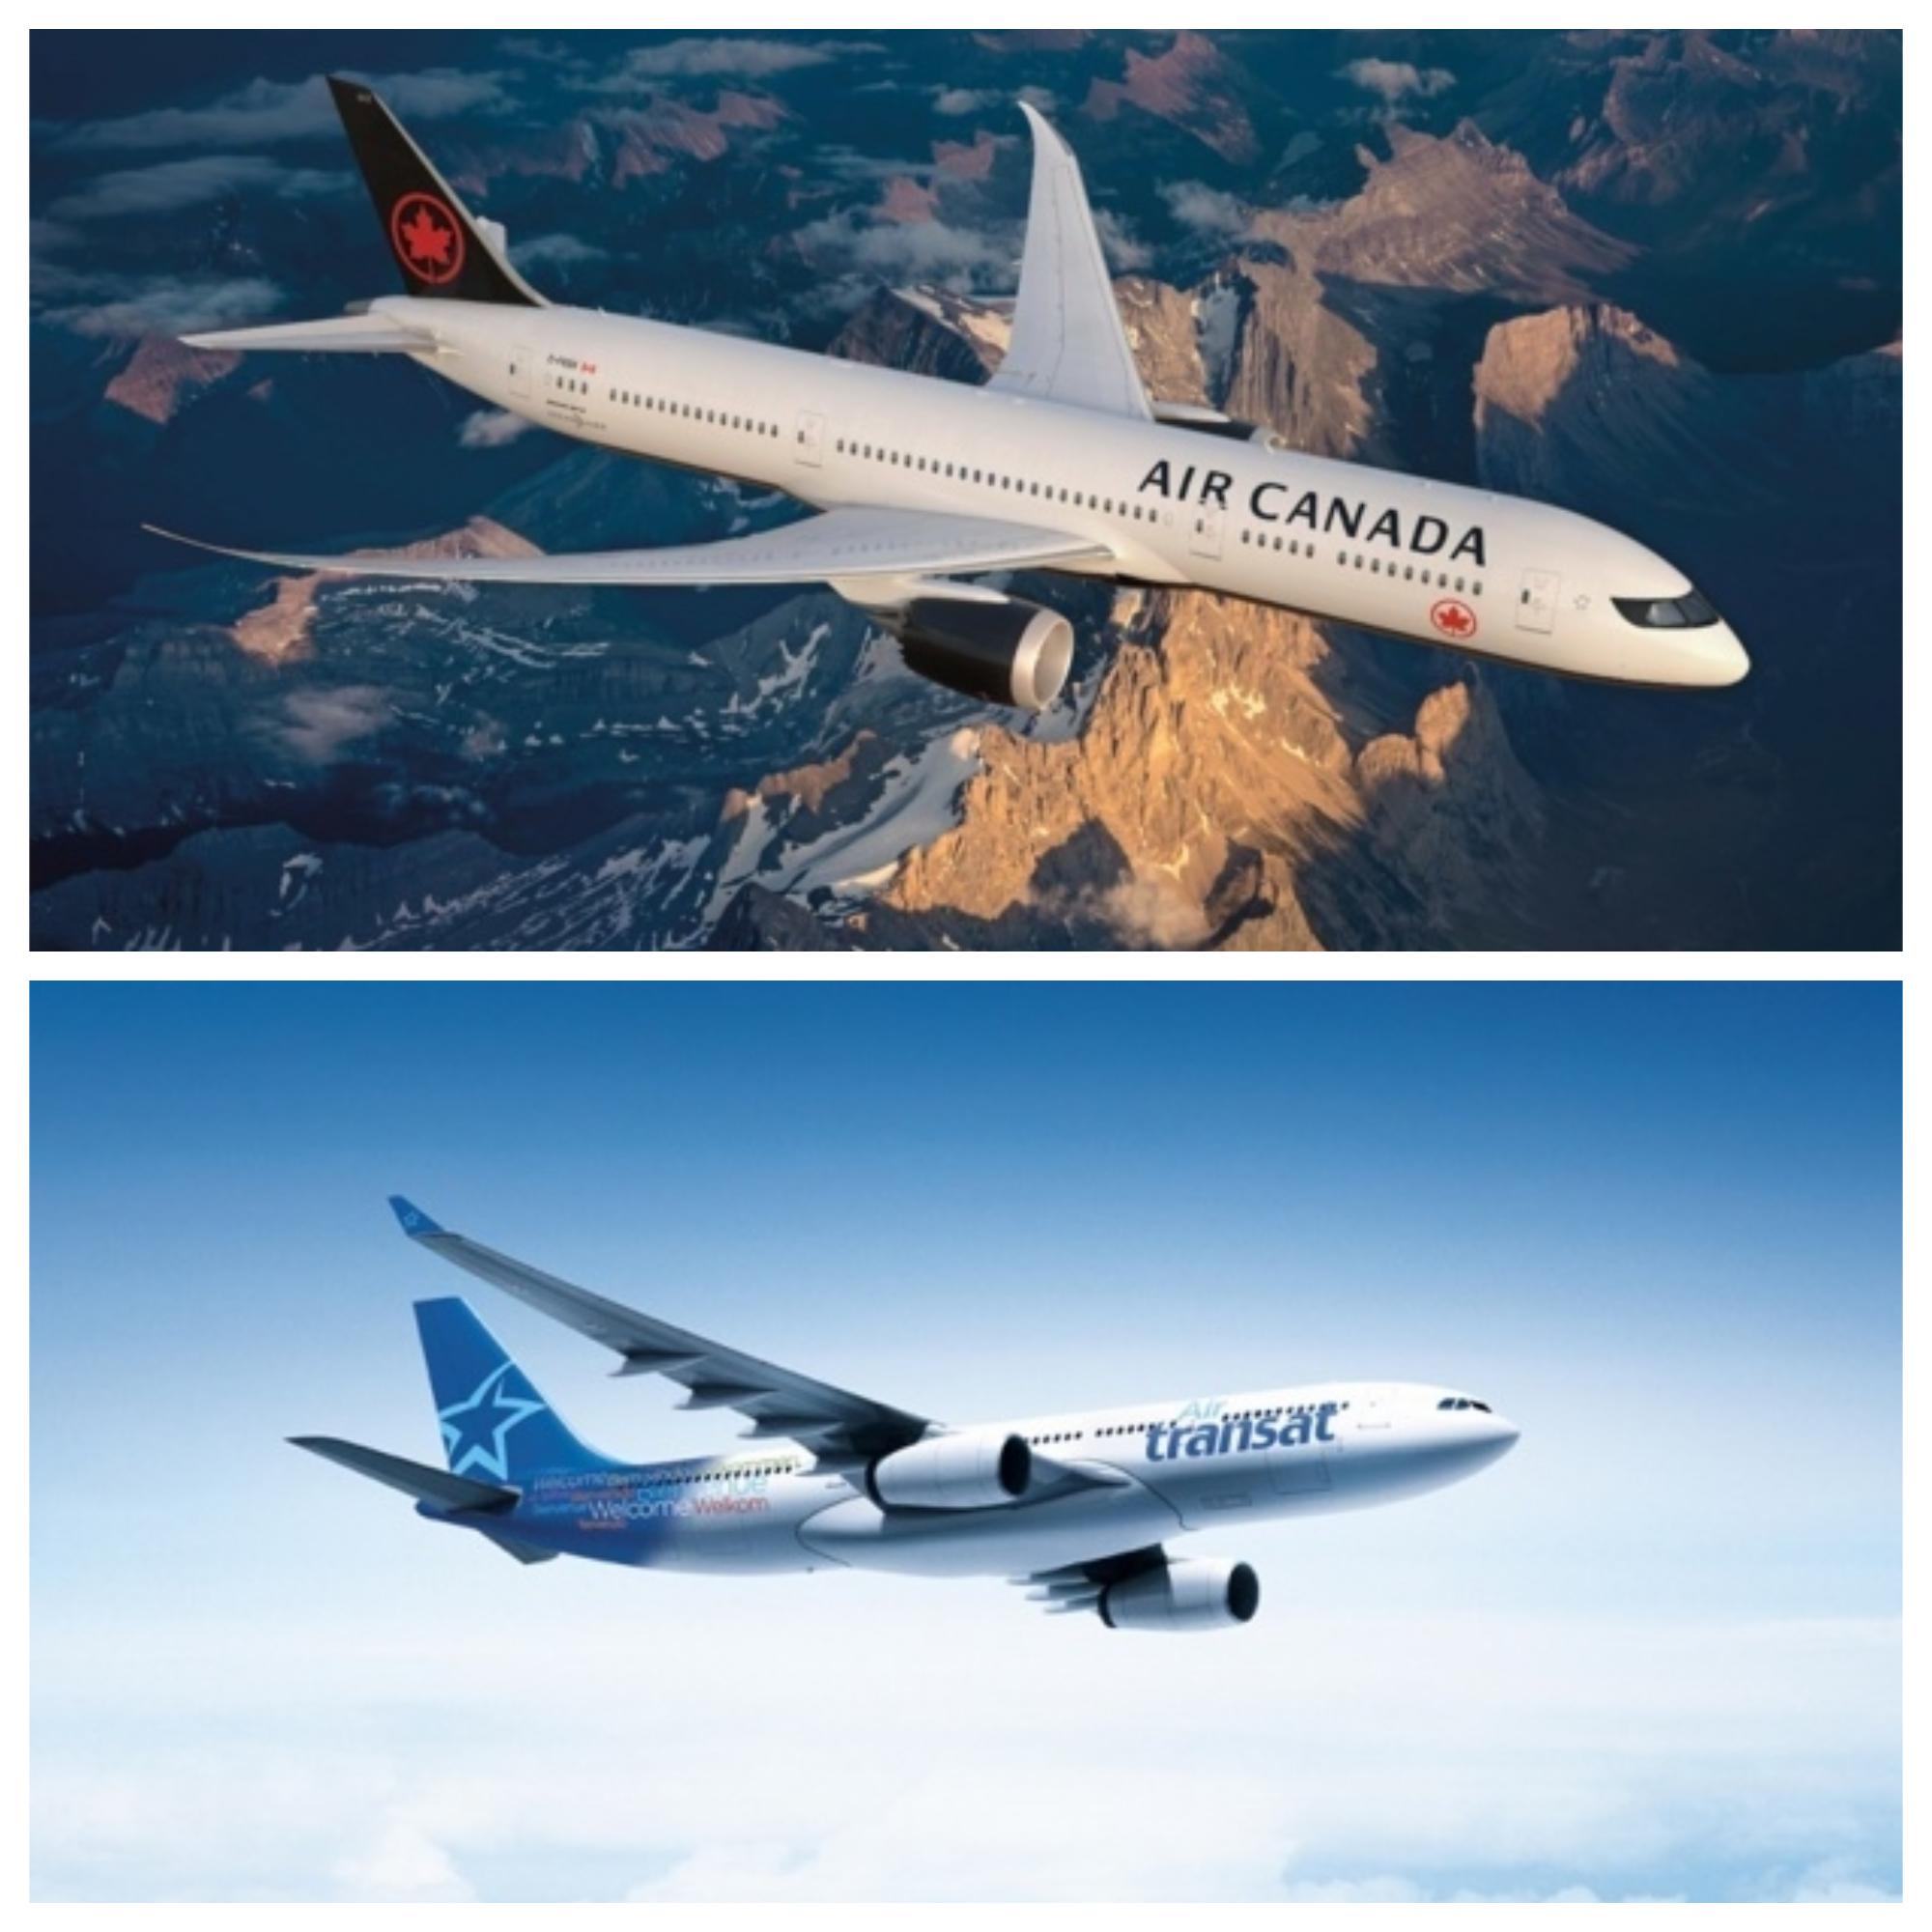 Le rachat d'Air Transat par Air Canada devrait se conclure début 2020 © DR